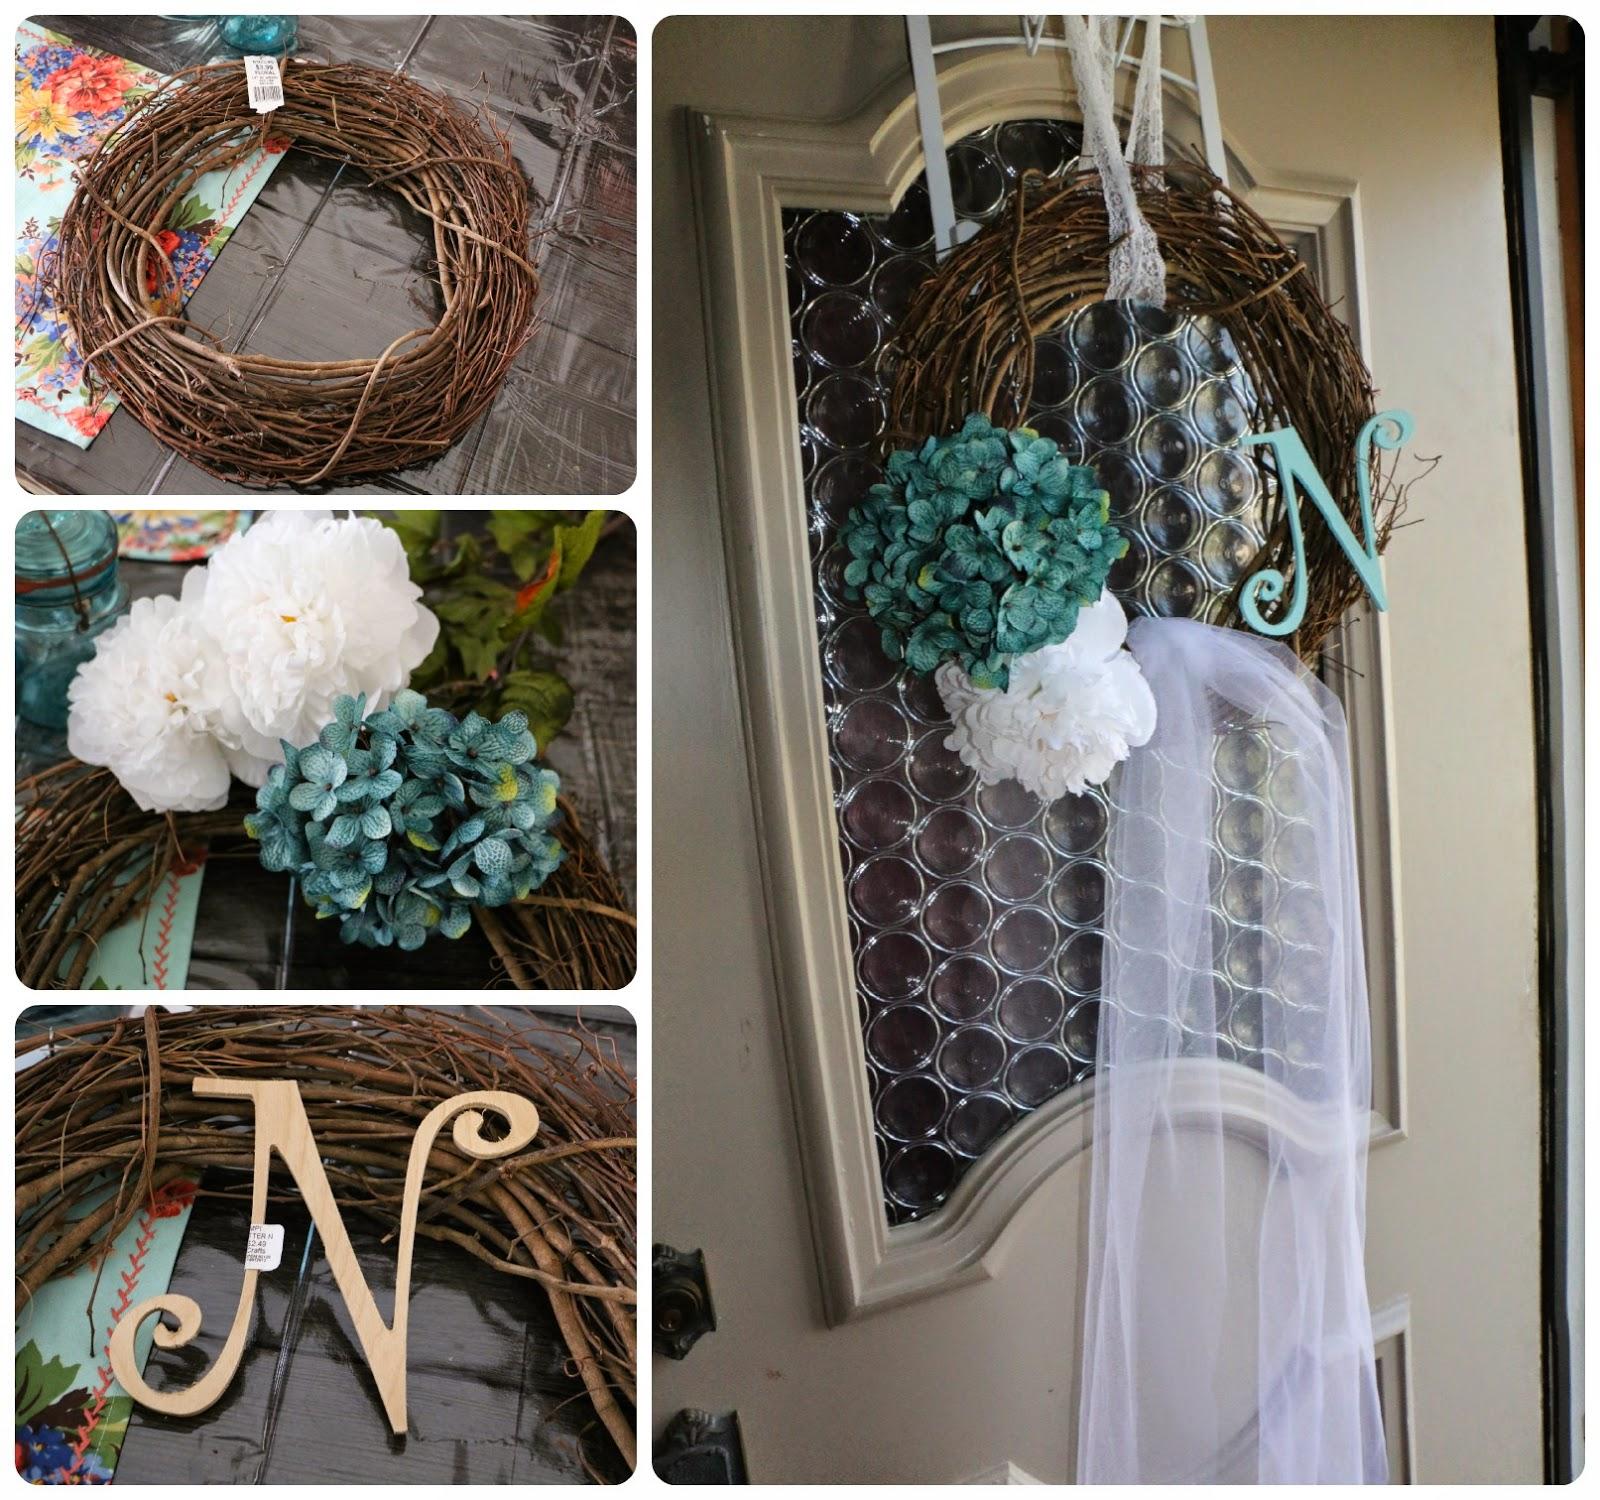 Diy Wedding Wreaths: The 26th Of August: Wedding Veil Wreath DIY For Bridal Shower